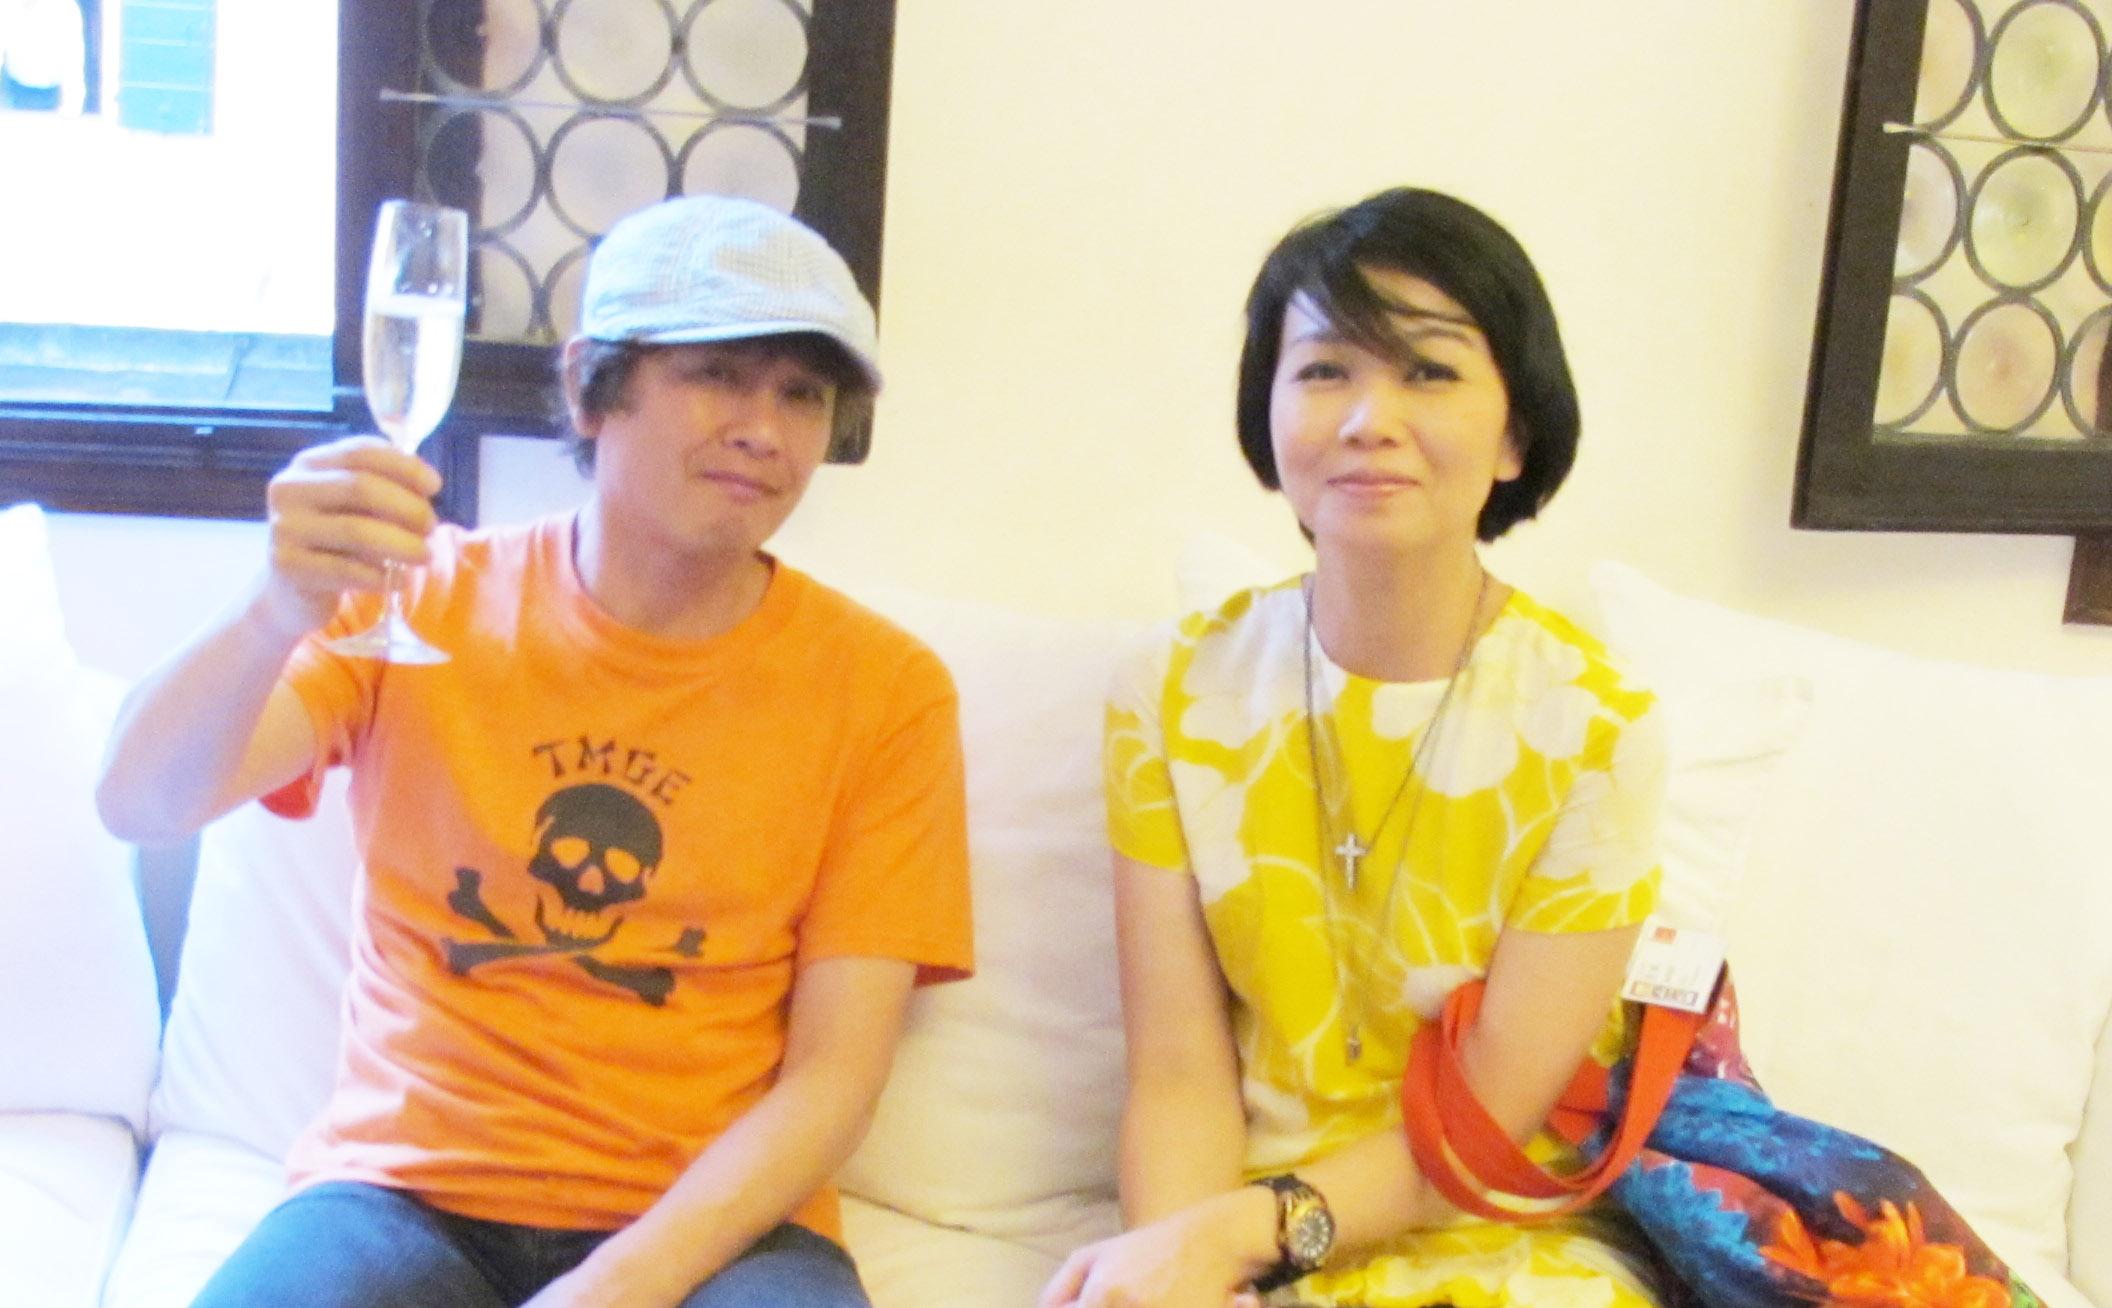 未來的夢想在臺北發生,一張通行證,從亞洲,到世界! | Jil Wu artiste 懿能藝術館